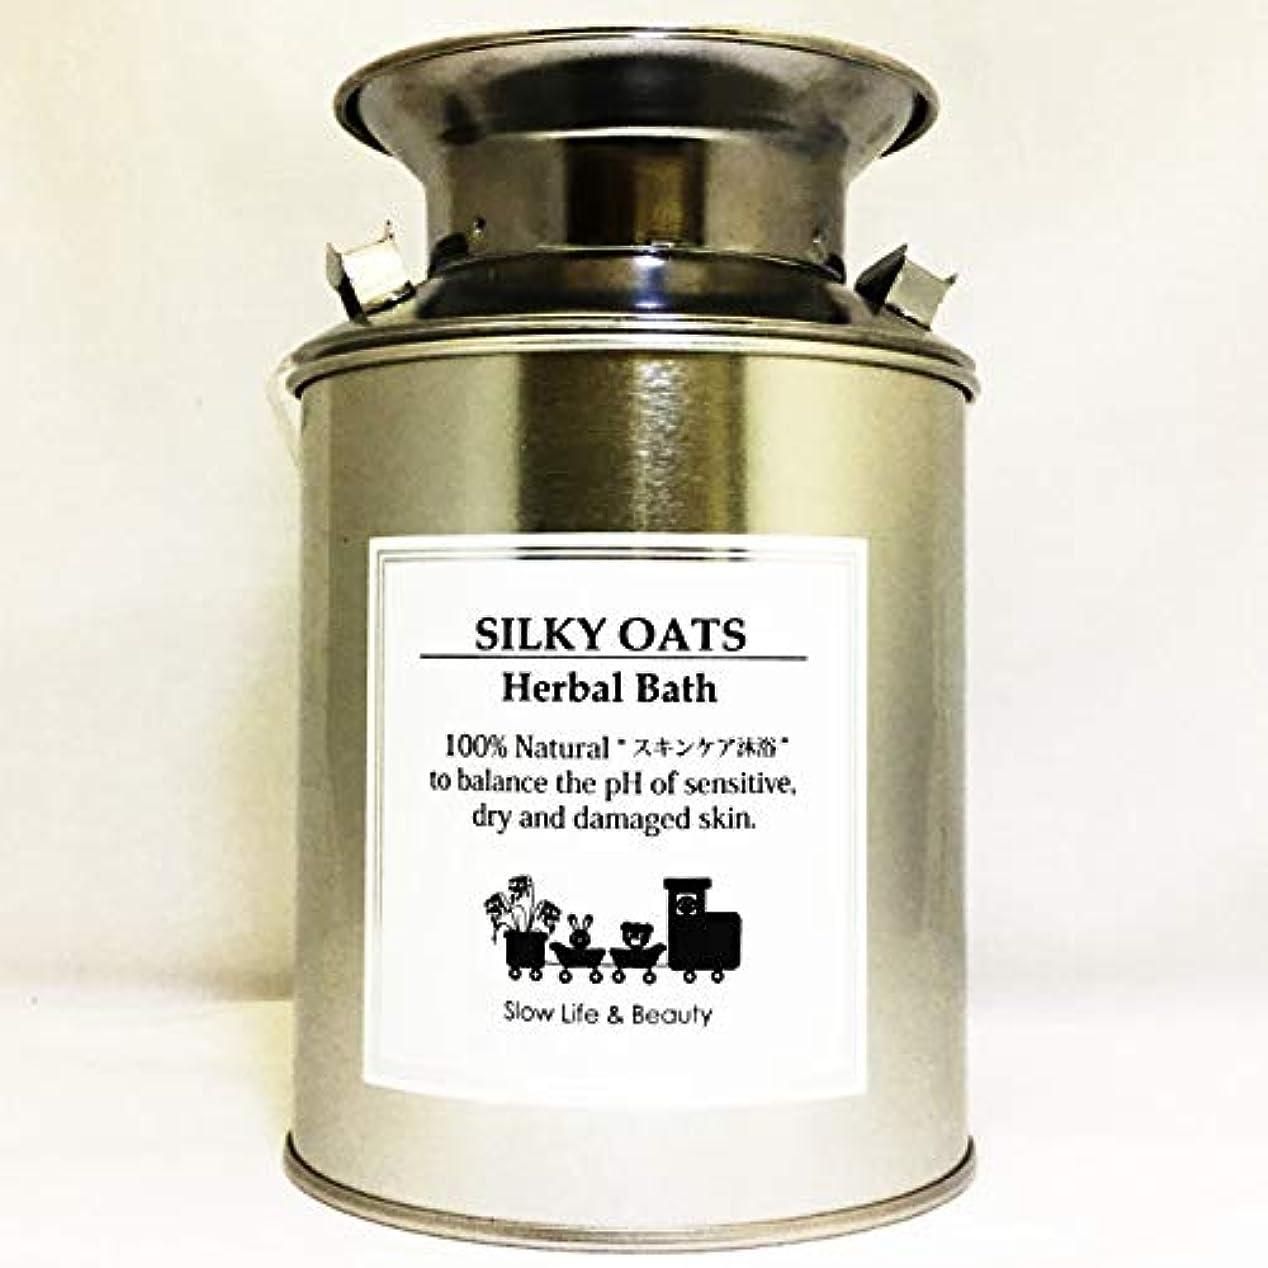 大聖堂テラス風刺シーラン SEARUN SILKY OATS Herbal Bath(ハーバルバス)10g×20袋